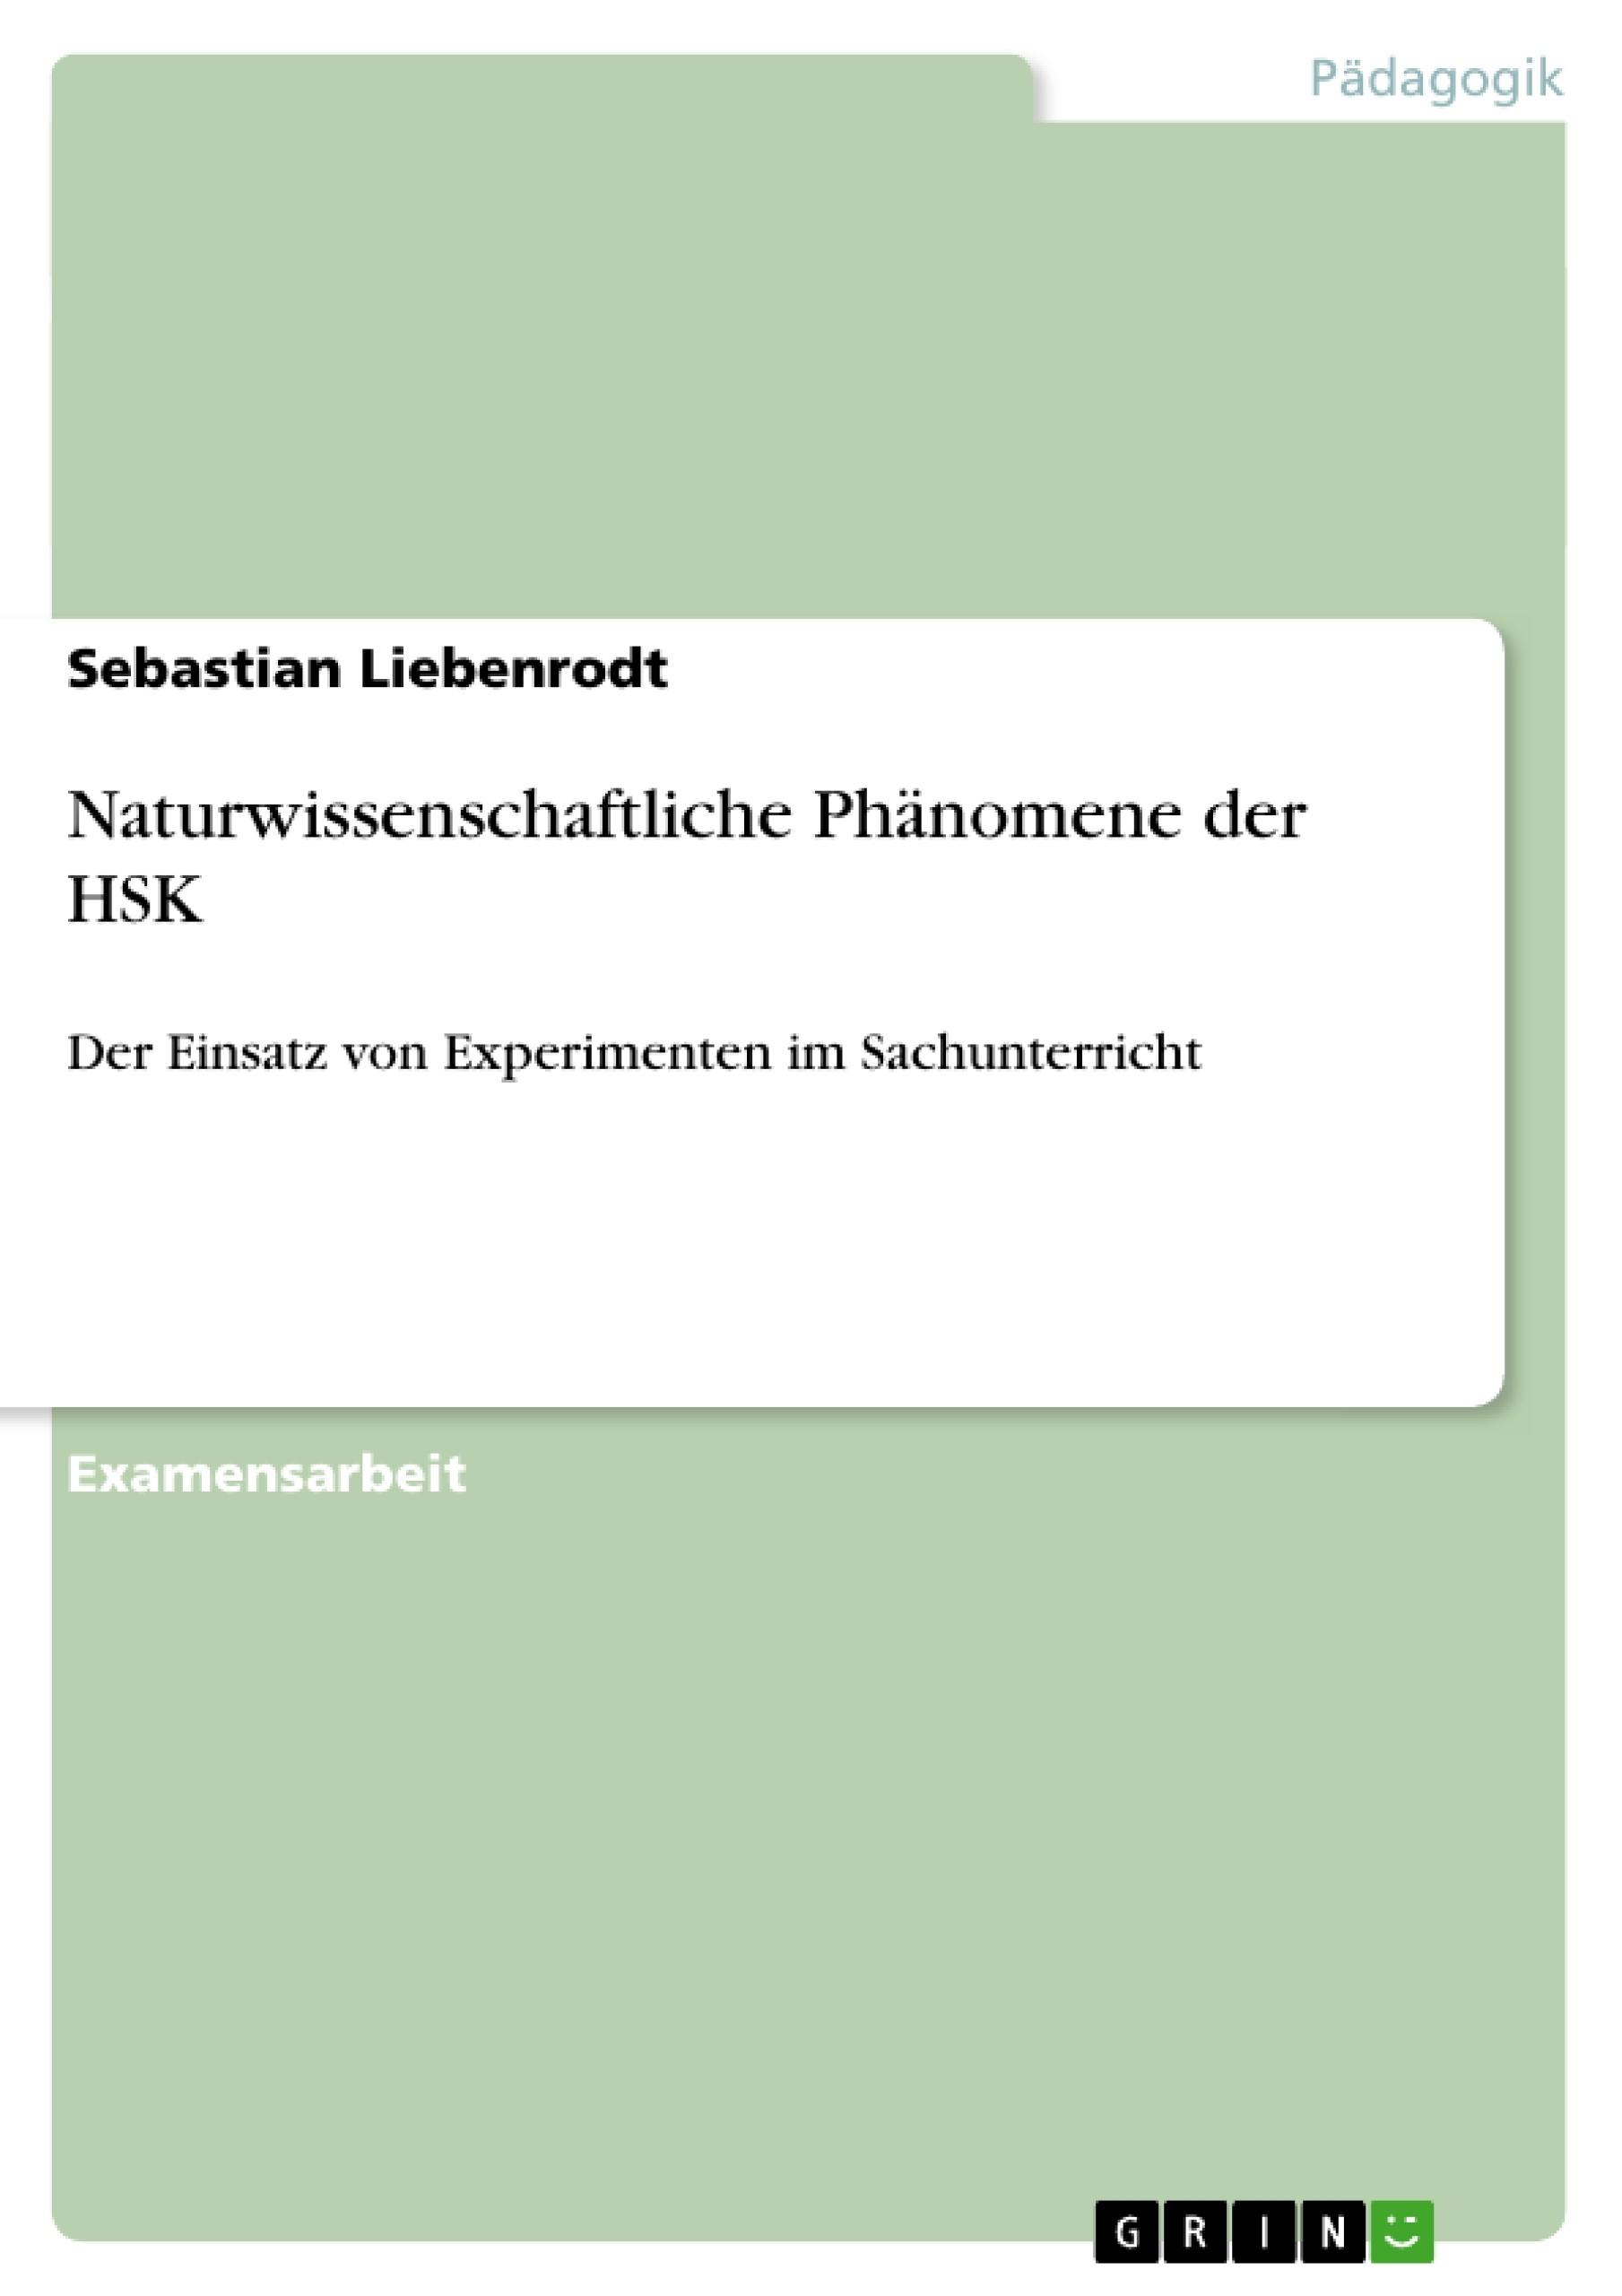 Titel: Naturwissenschaftliche Phänomene der HSK